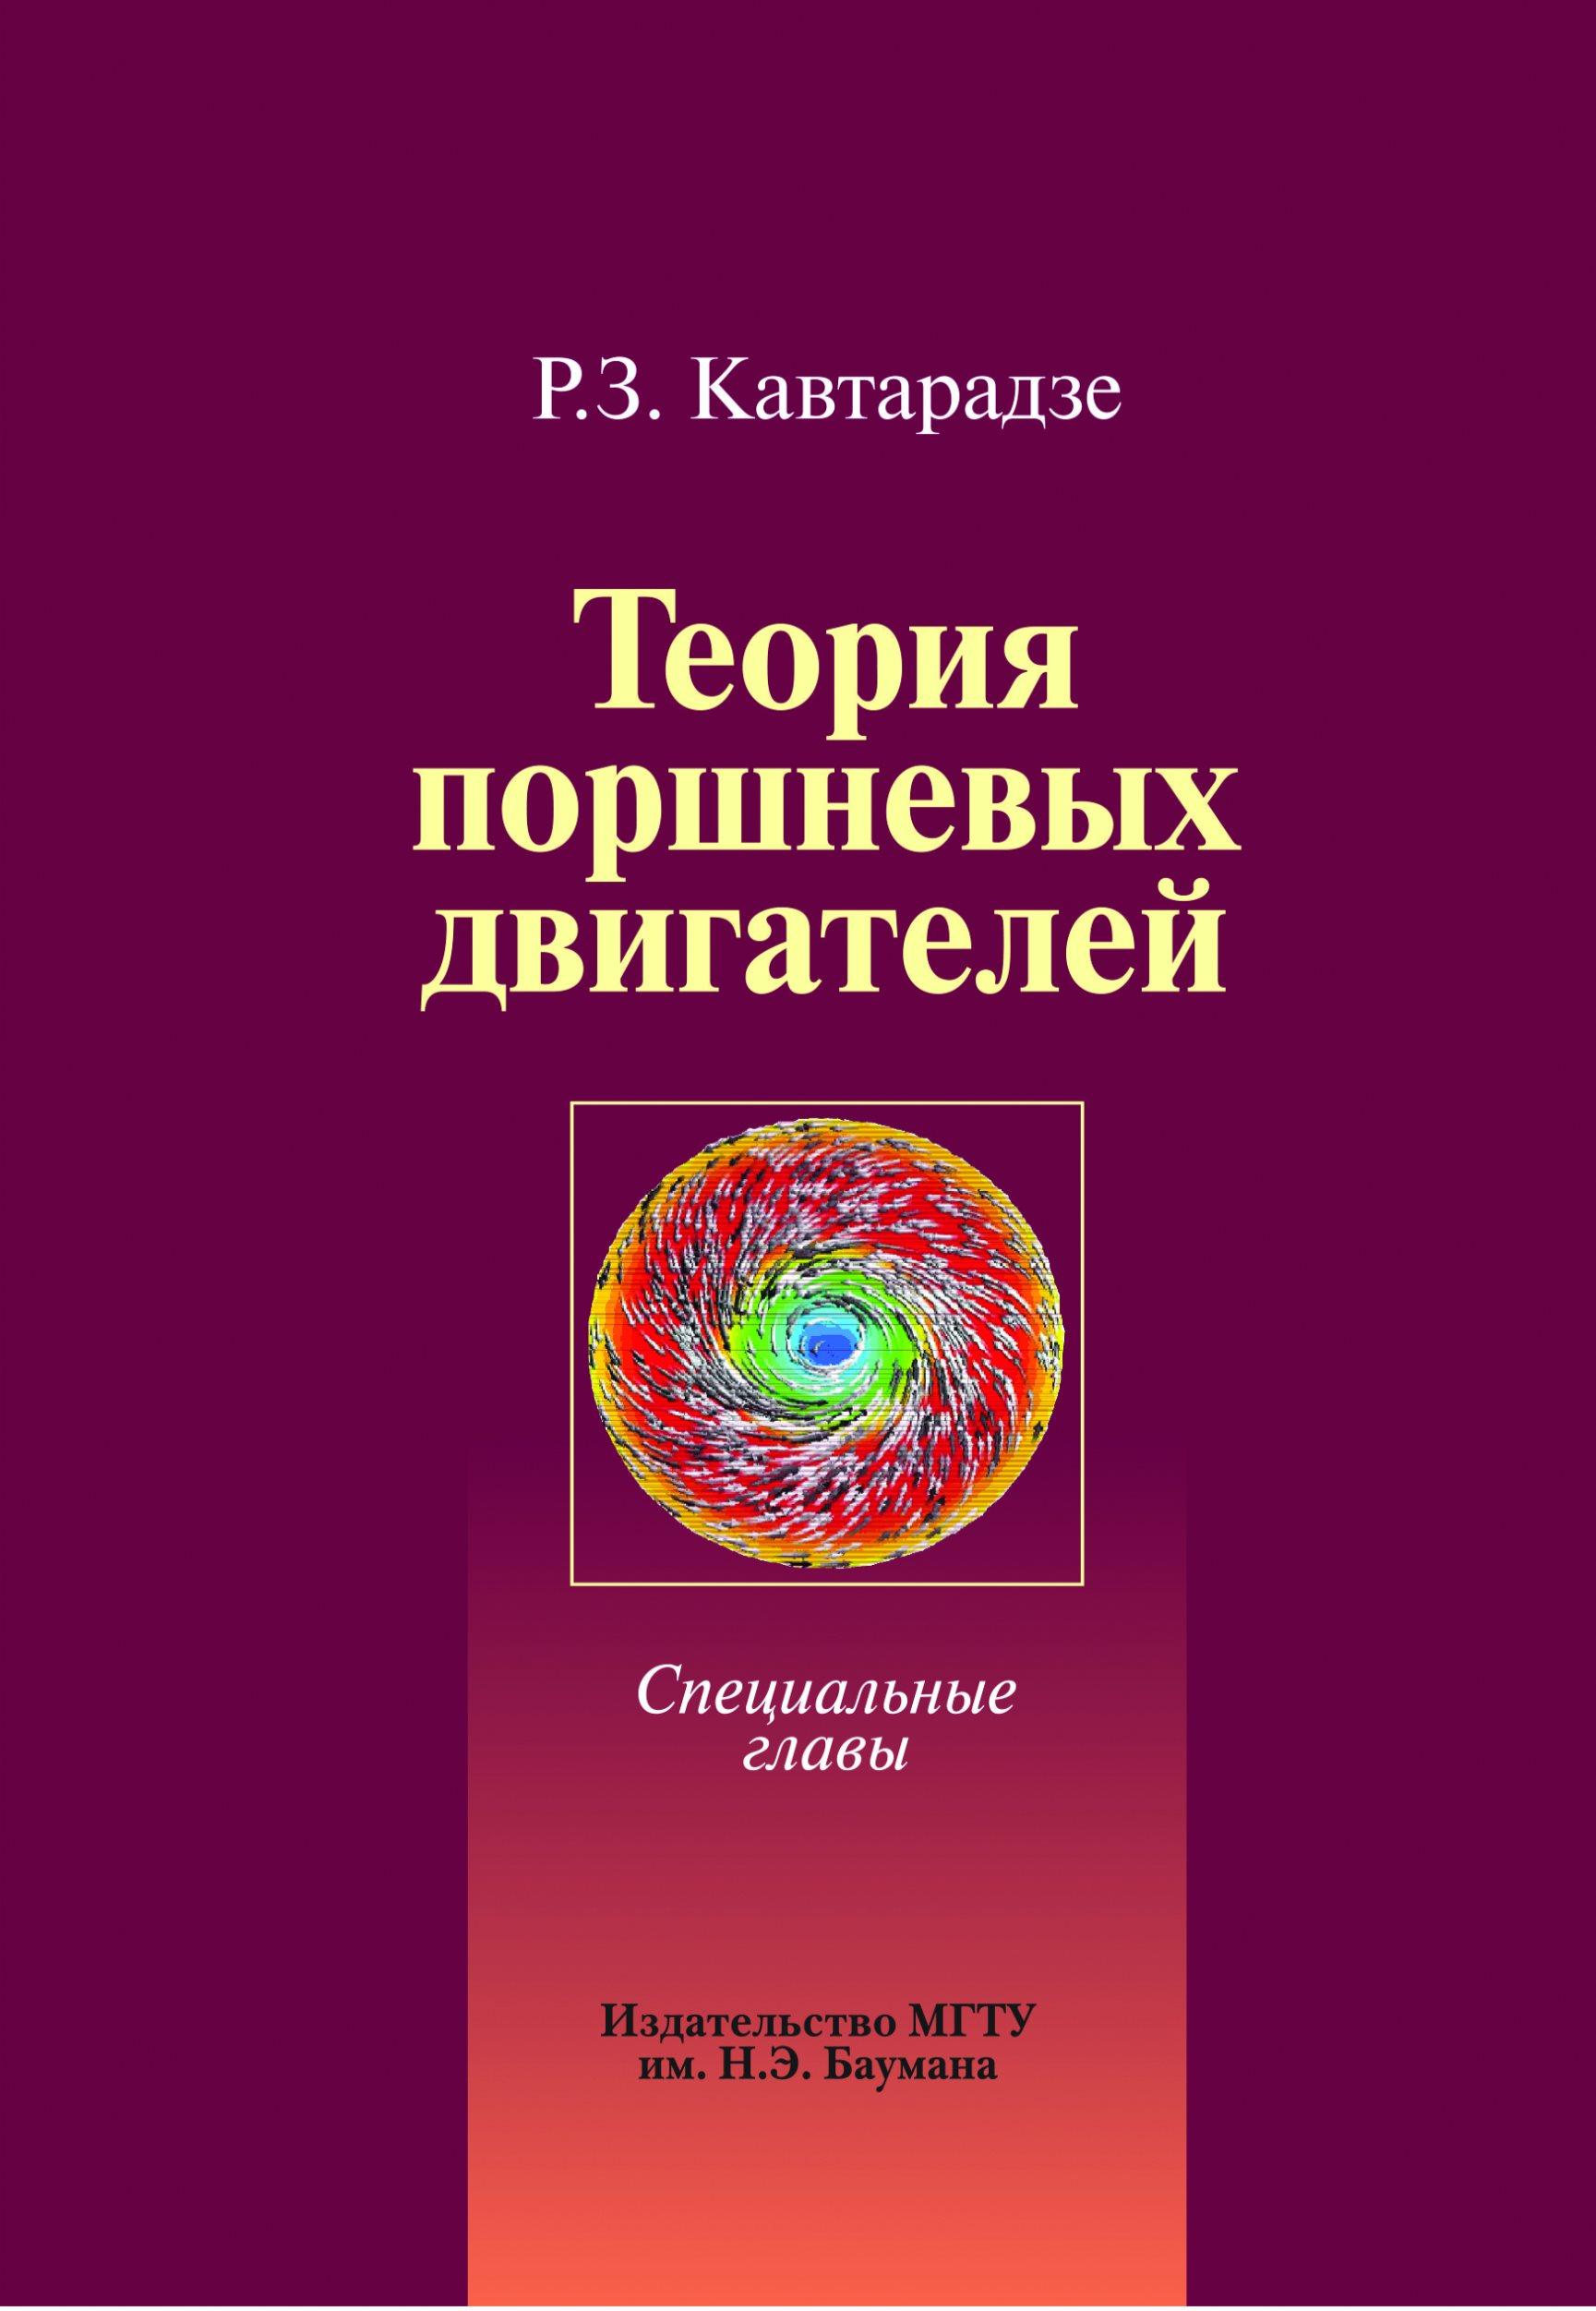 Реваз Кавтарадзе Теория поршневых двигателей. Специальные главы в в медведев двигатели внутреннего сгорания